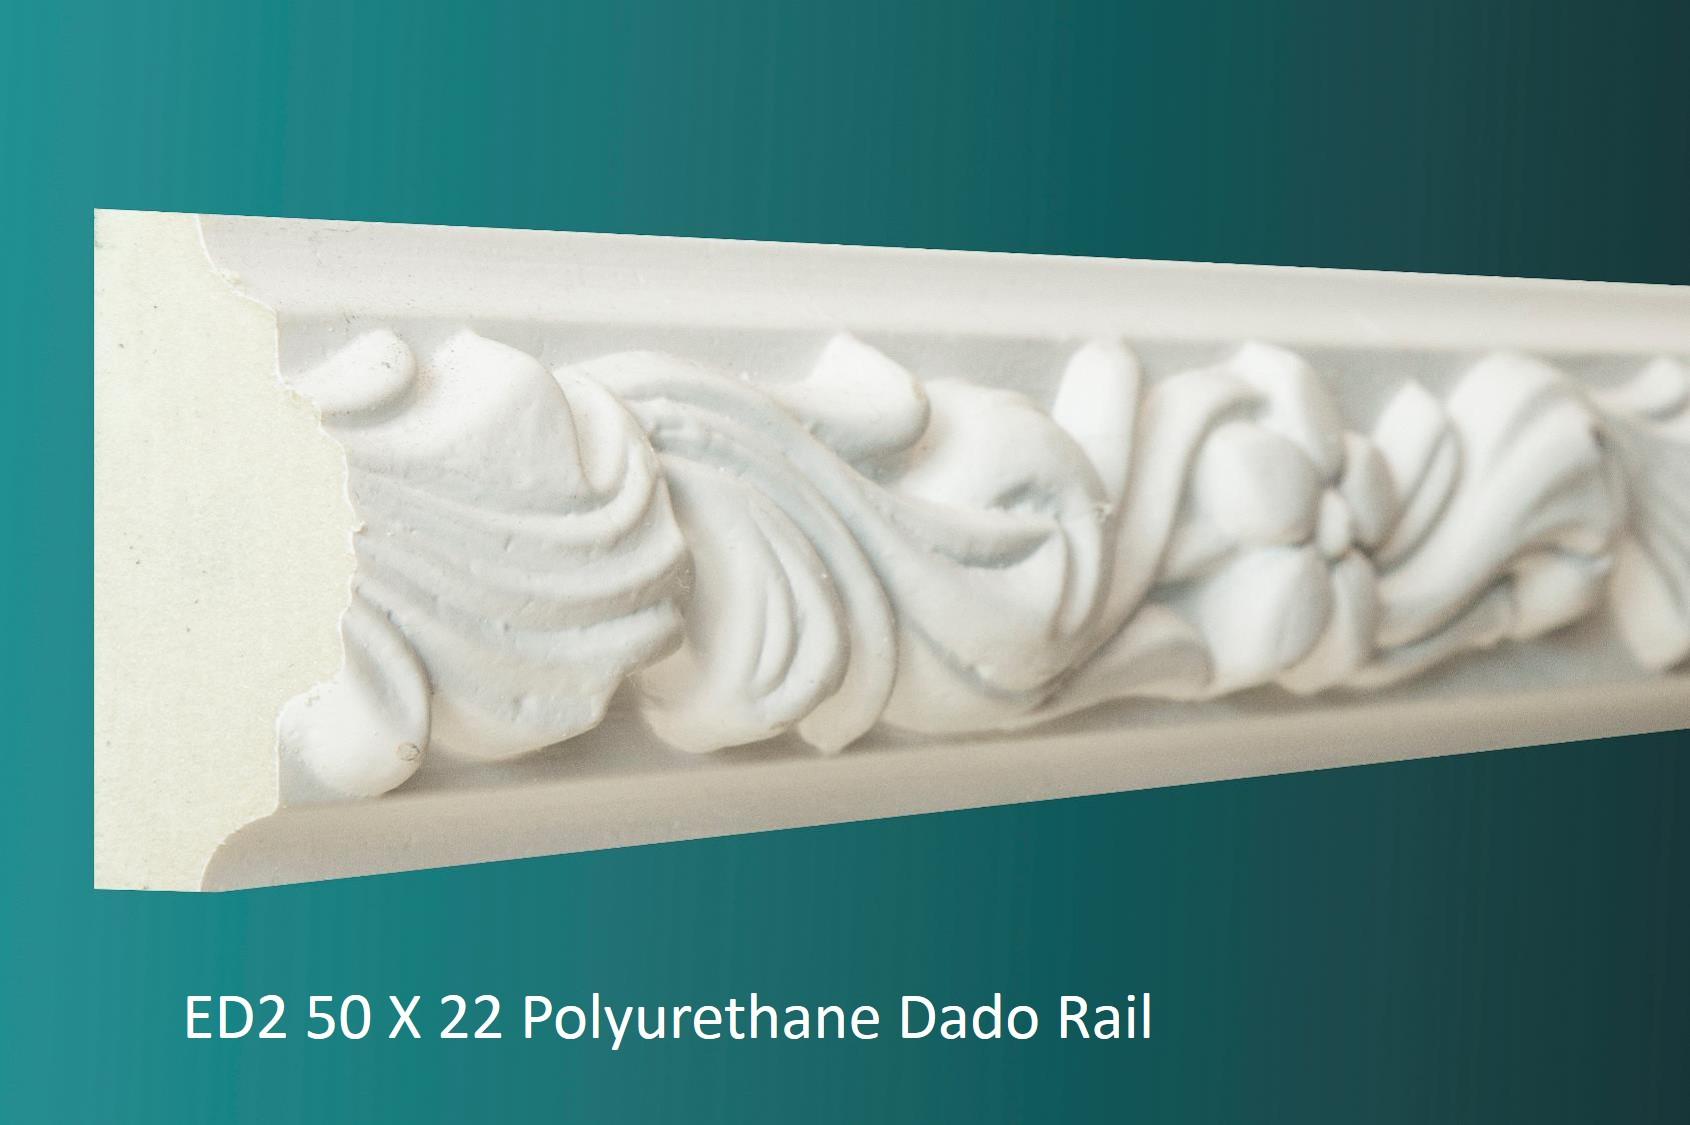 ED2 50 X 22 Polyurethane Dado Rail